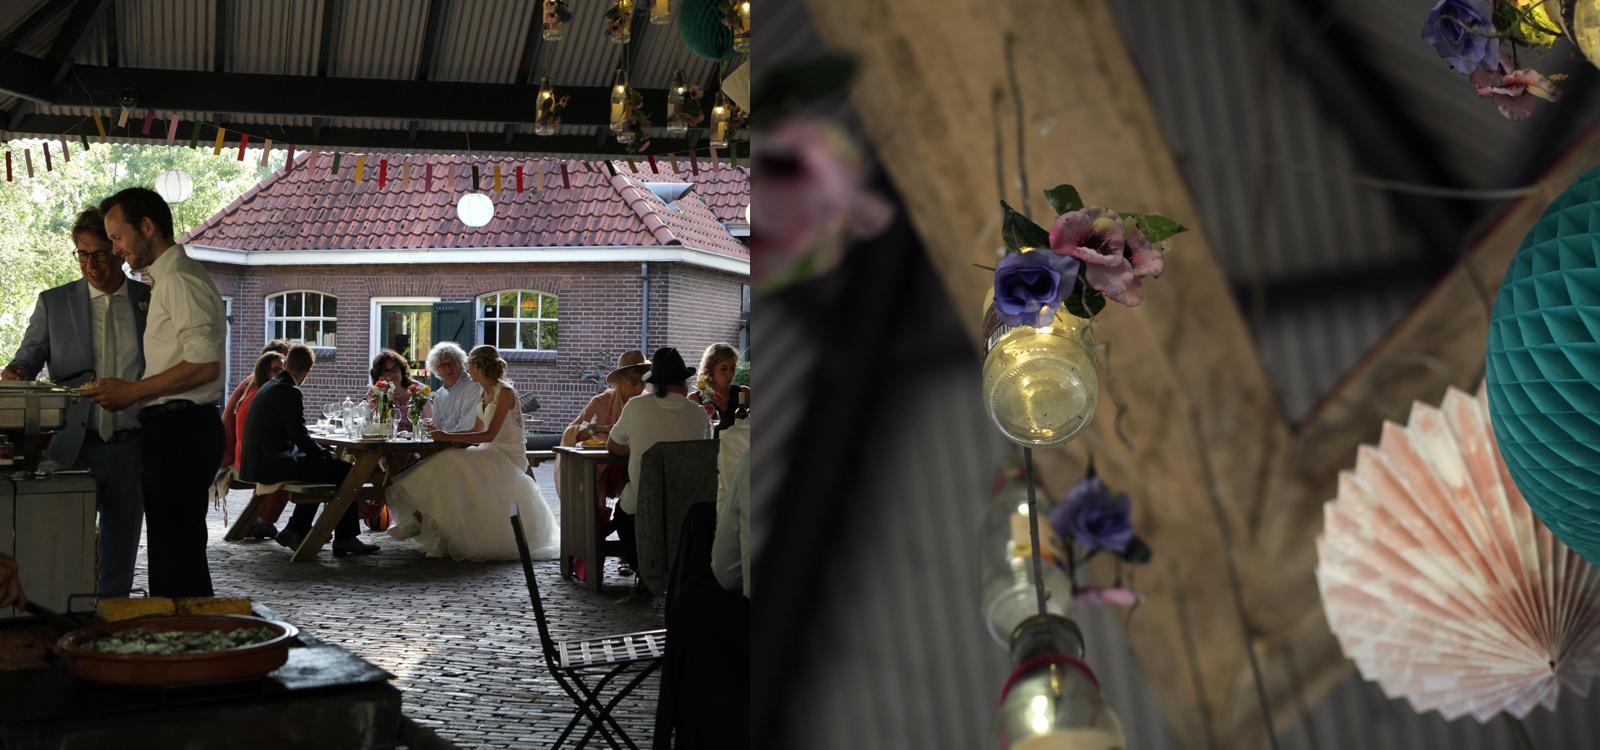 Bruidsdiner buiten. De foto's komen uit een trouwreportage.